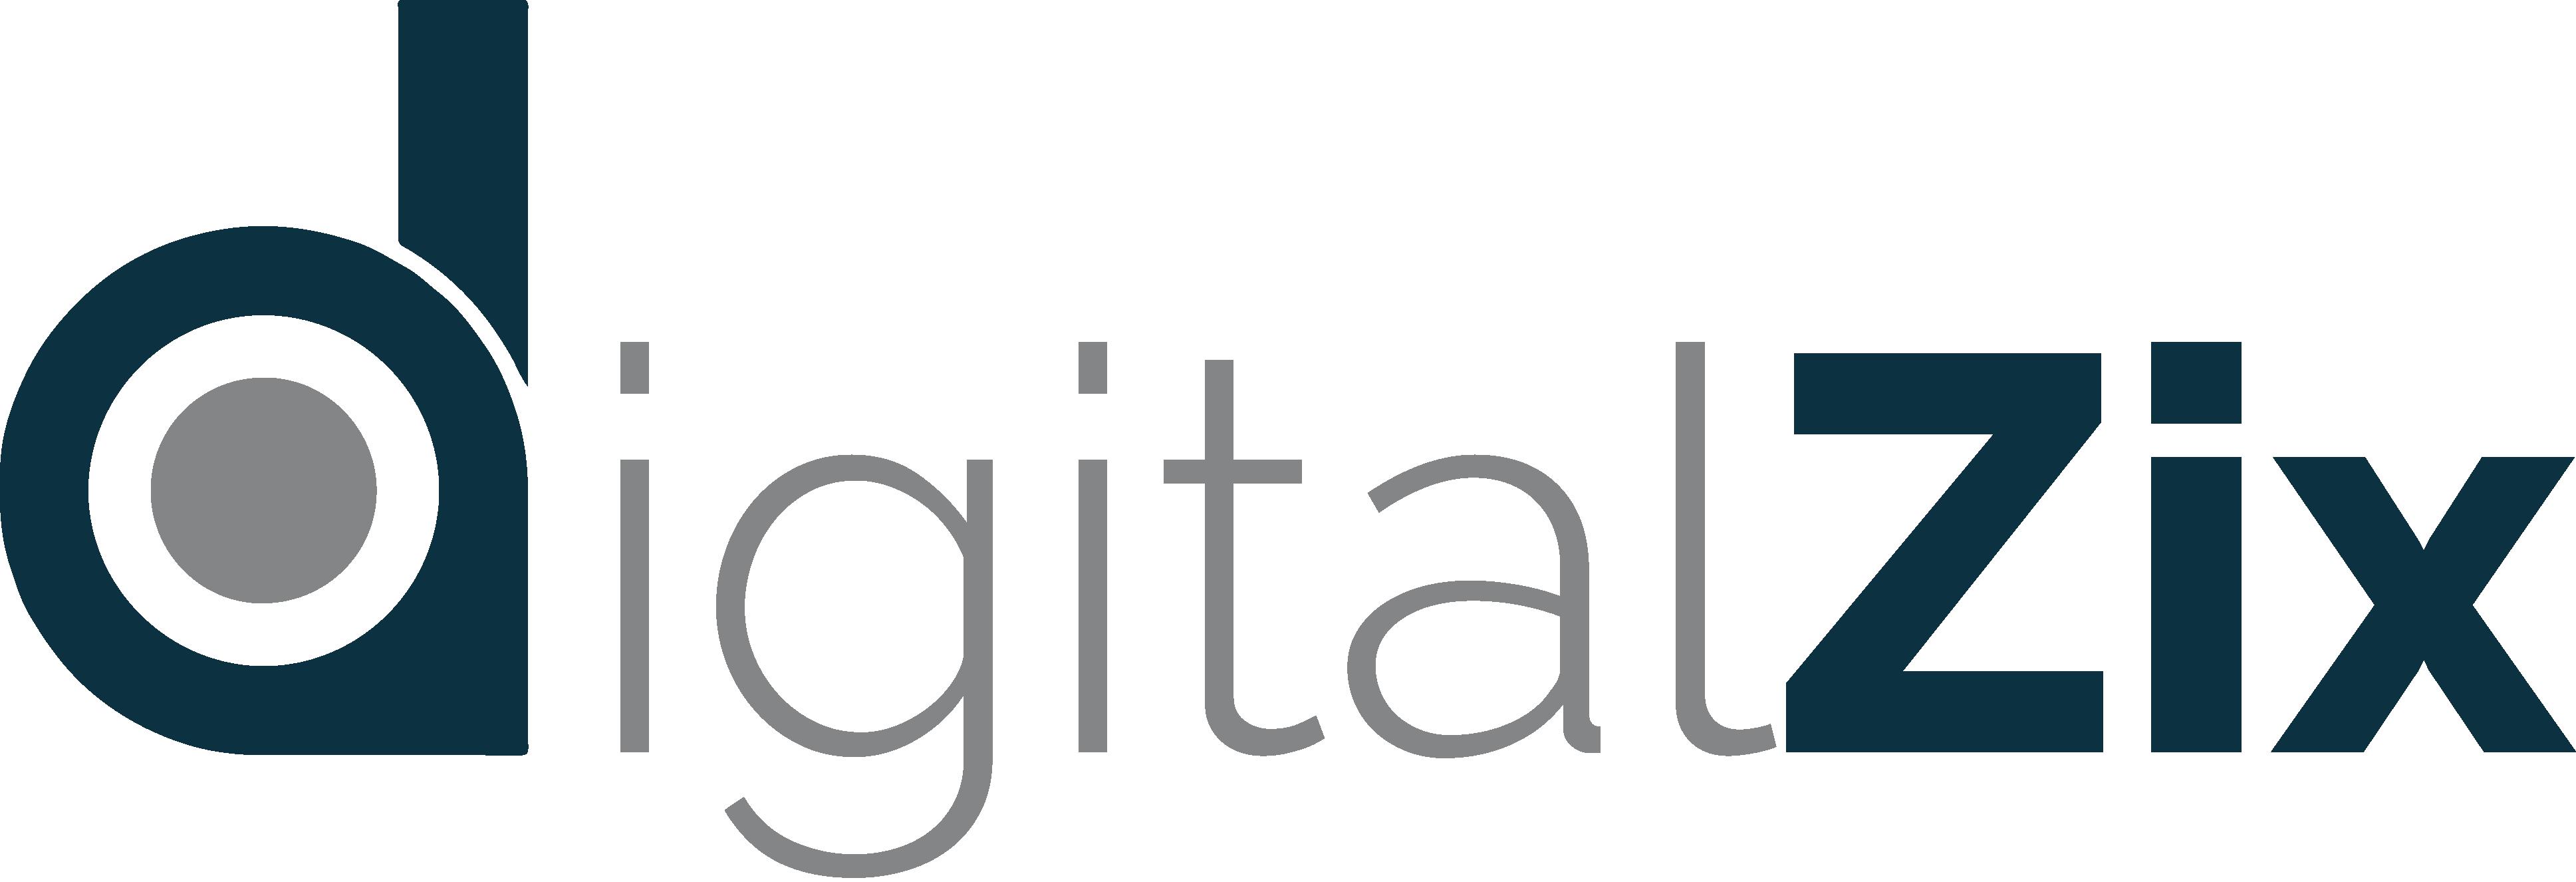 Digitalzix Private Limited